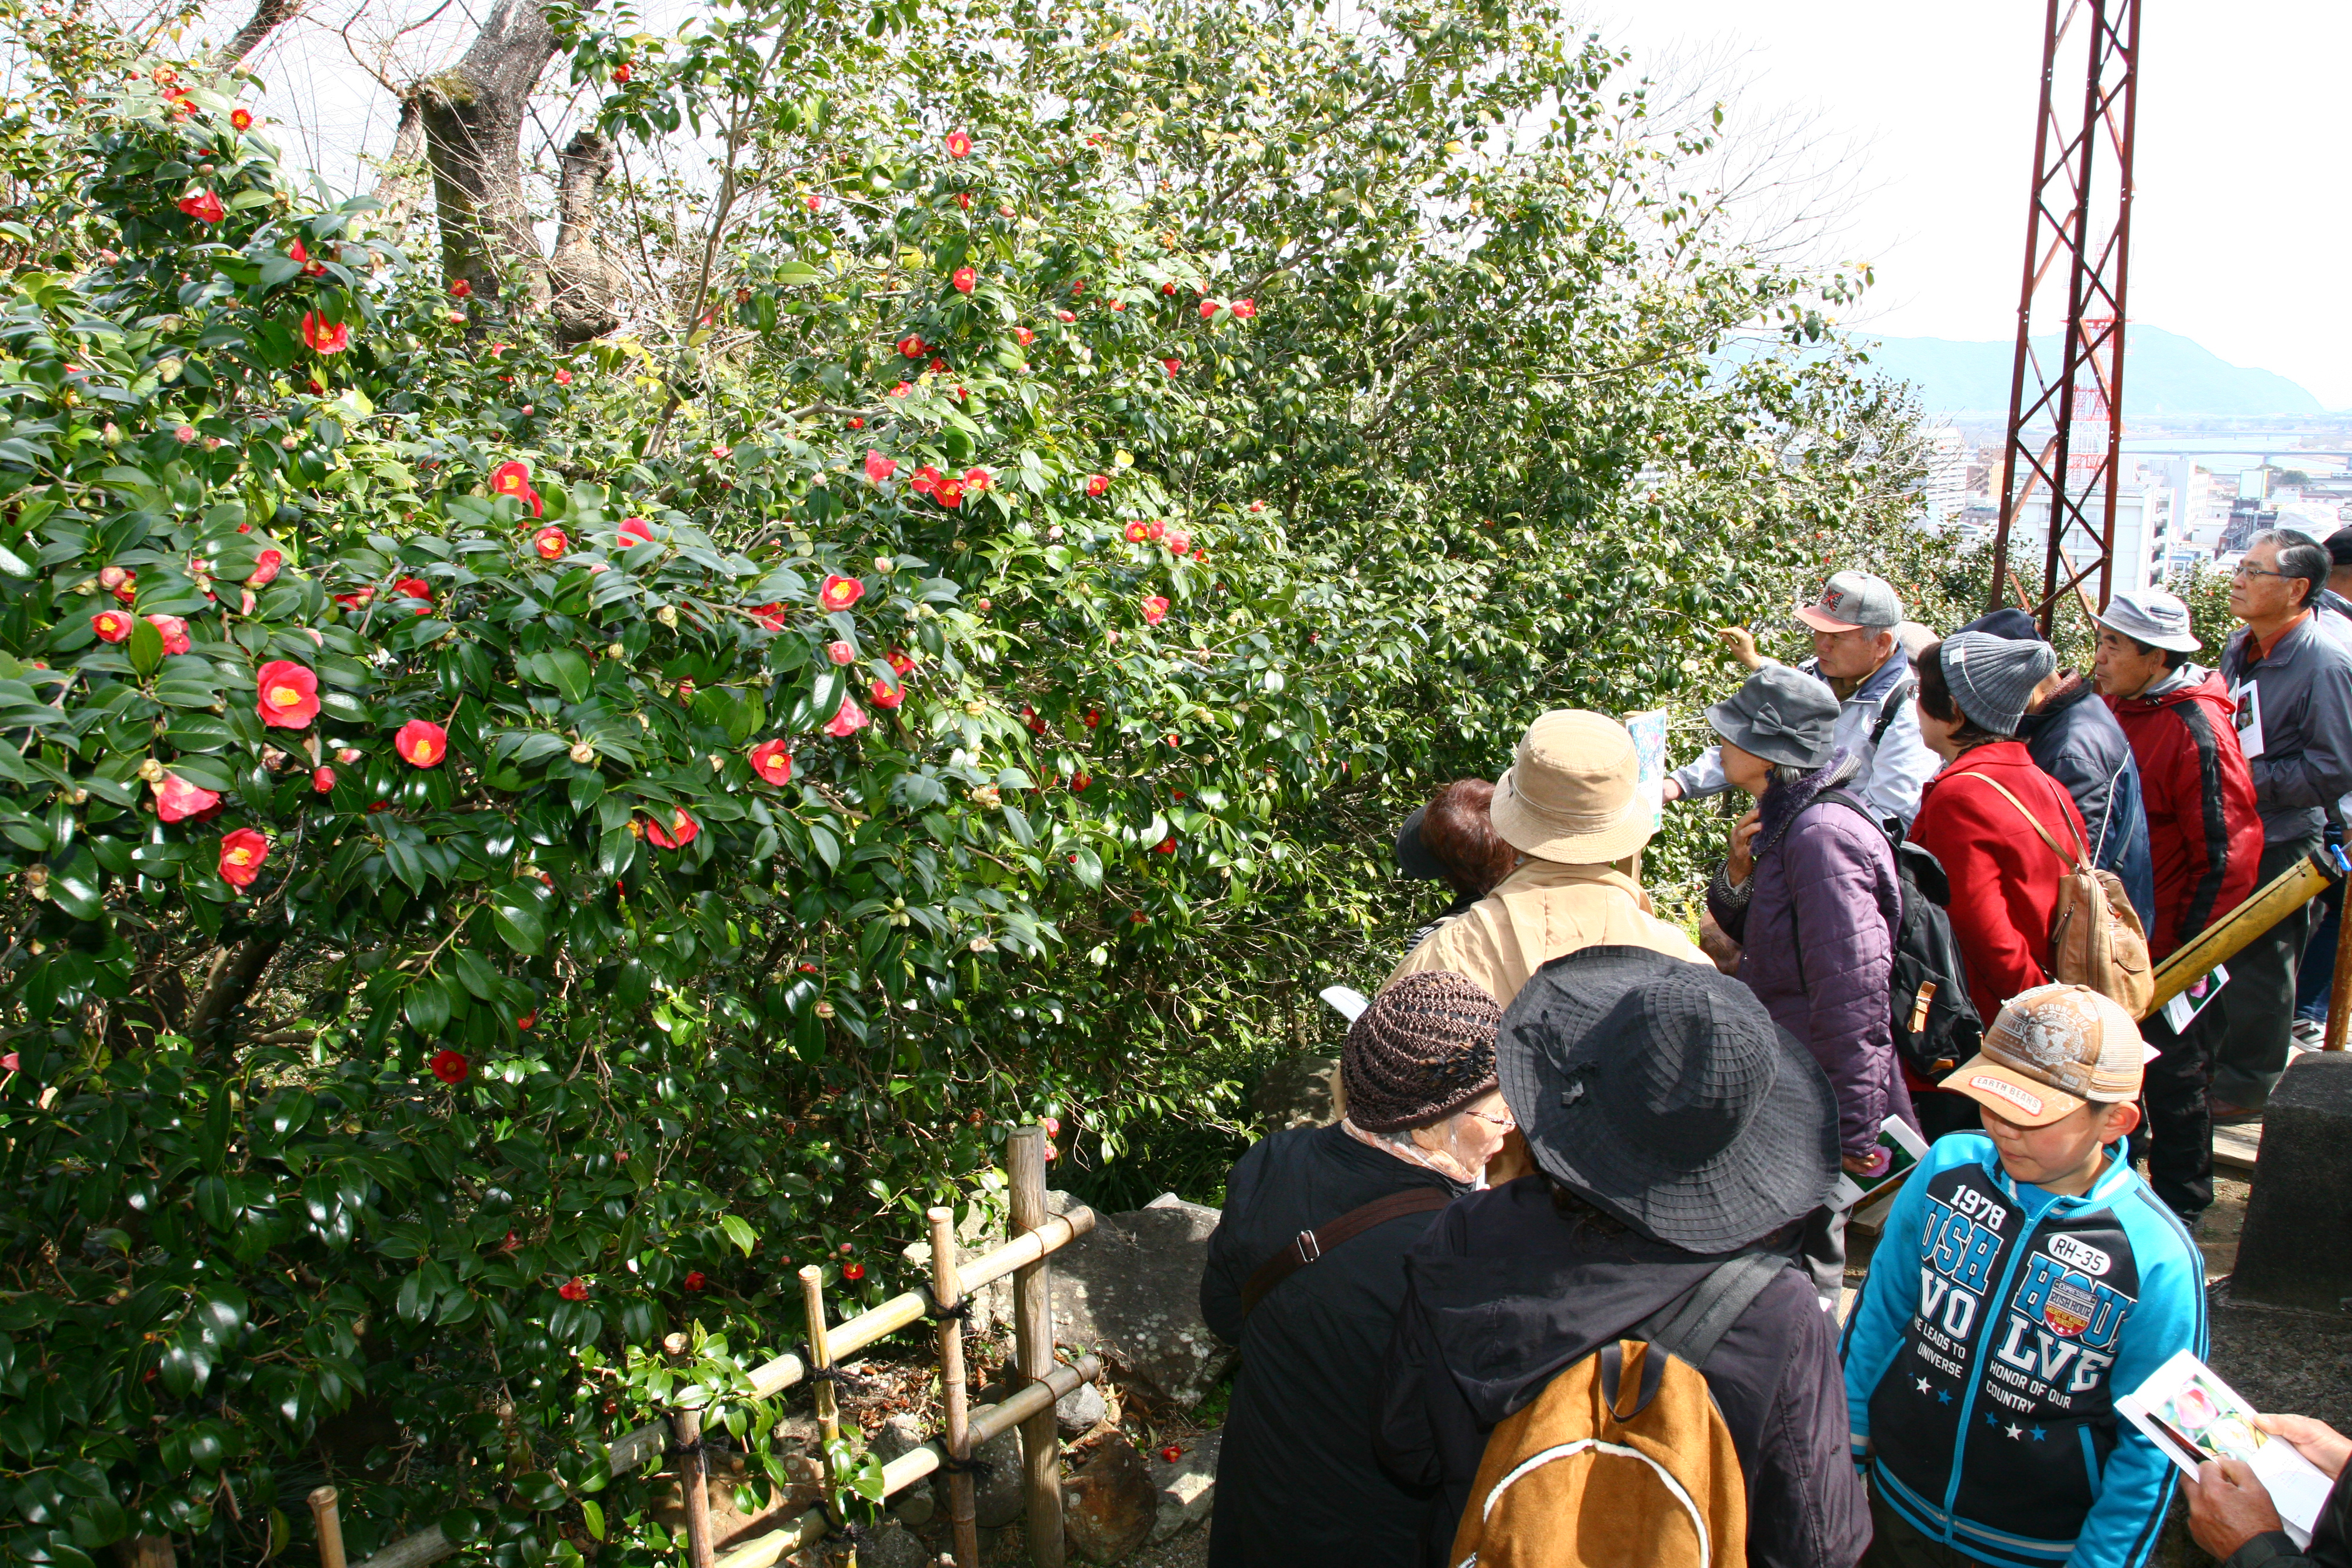 8be05c8048 延岡城跡城山公園には、108種、3,300本ものヤブツバキが自生していて、最大の特徴は、何といっても紅・白・ピンク・絞り・覆輪と全ての花色が揃って いる事です。